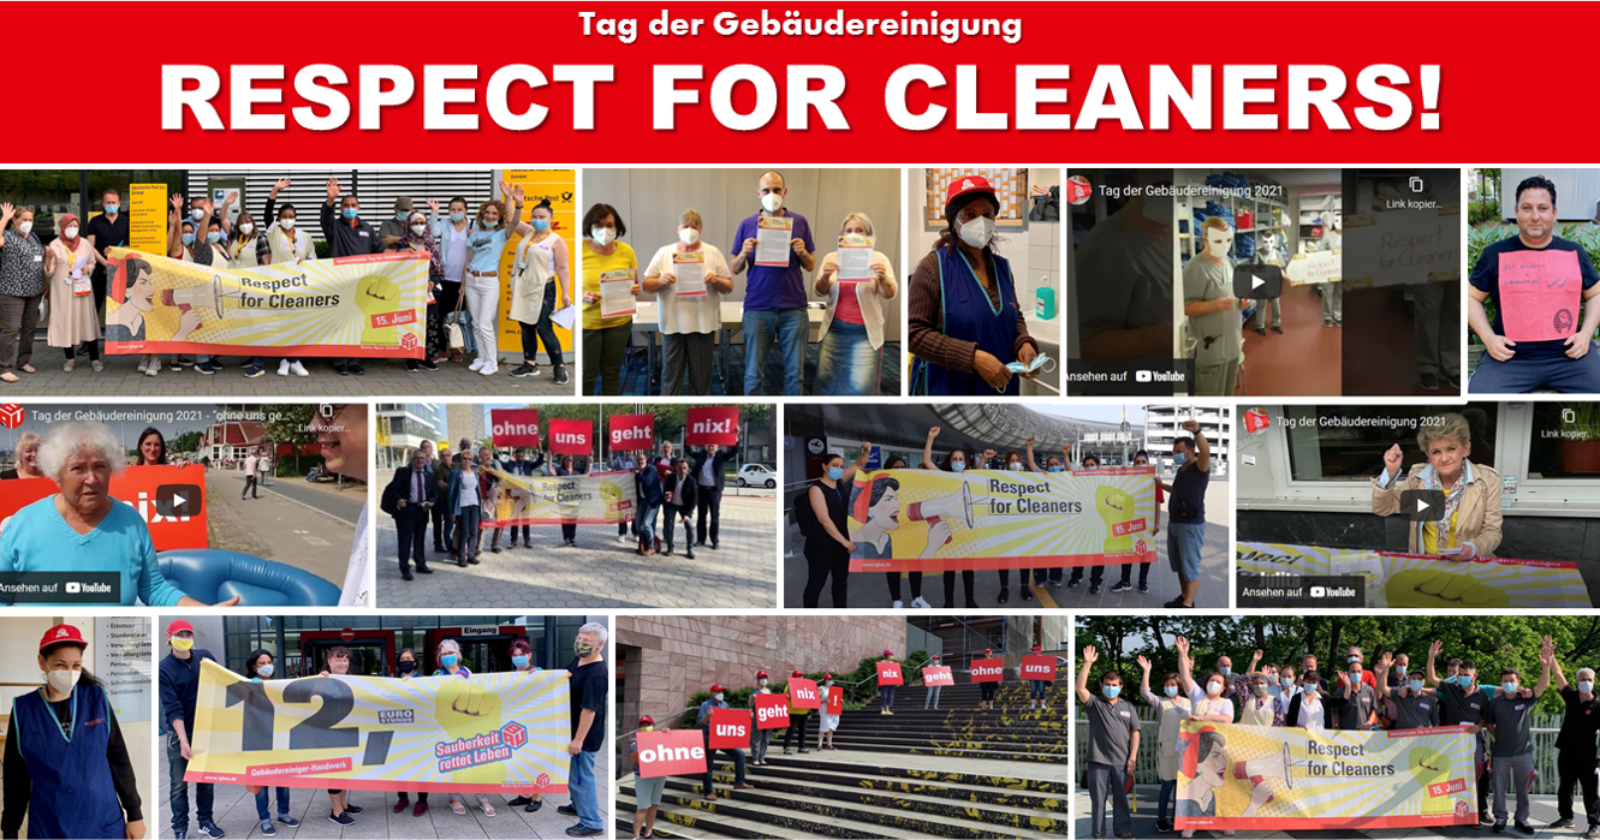 """Bundesweite Aktionen zum Tag der Gebäudereingung - Kolleginnen und Kollegen fordern """"Respect for Cleaners!"""""""